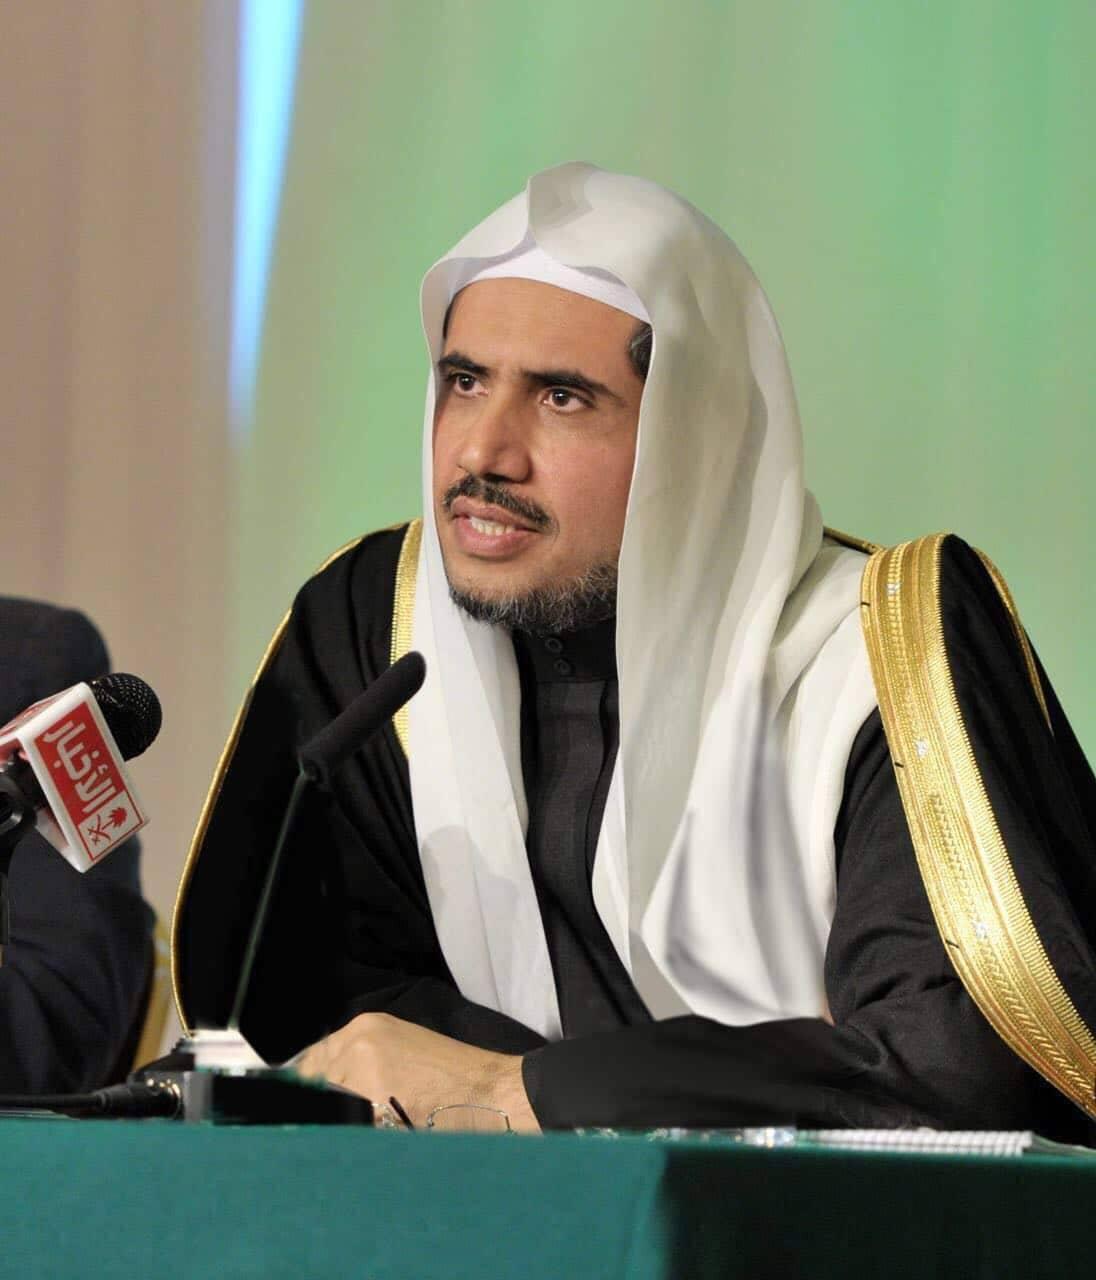 الأمين العام لرابطة العالم الإسلامي محمد بن عبد الكريم العيسى